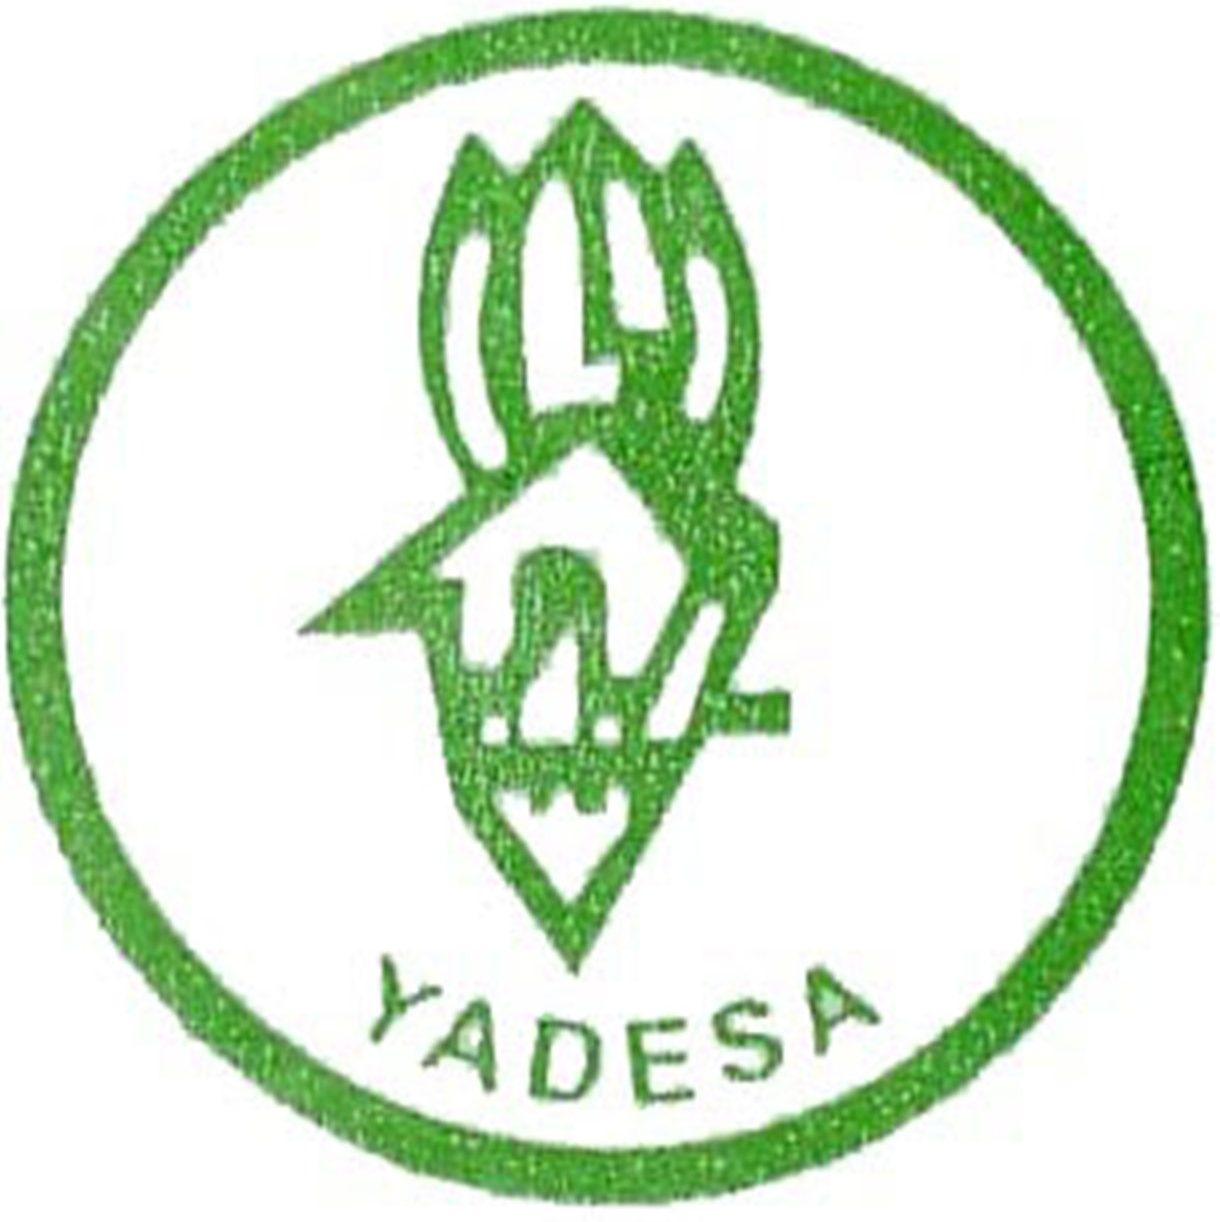 YADESA